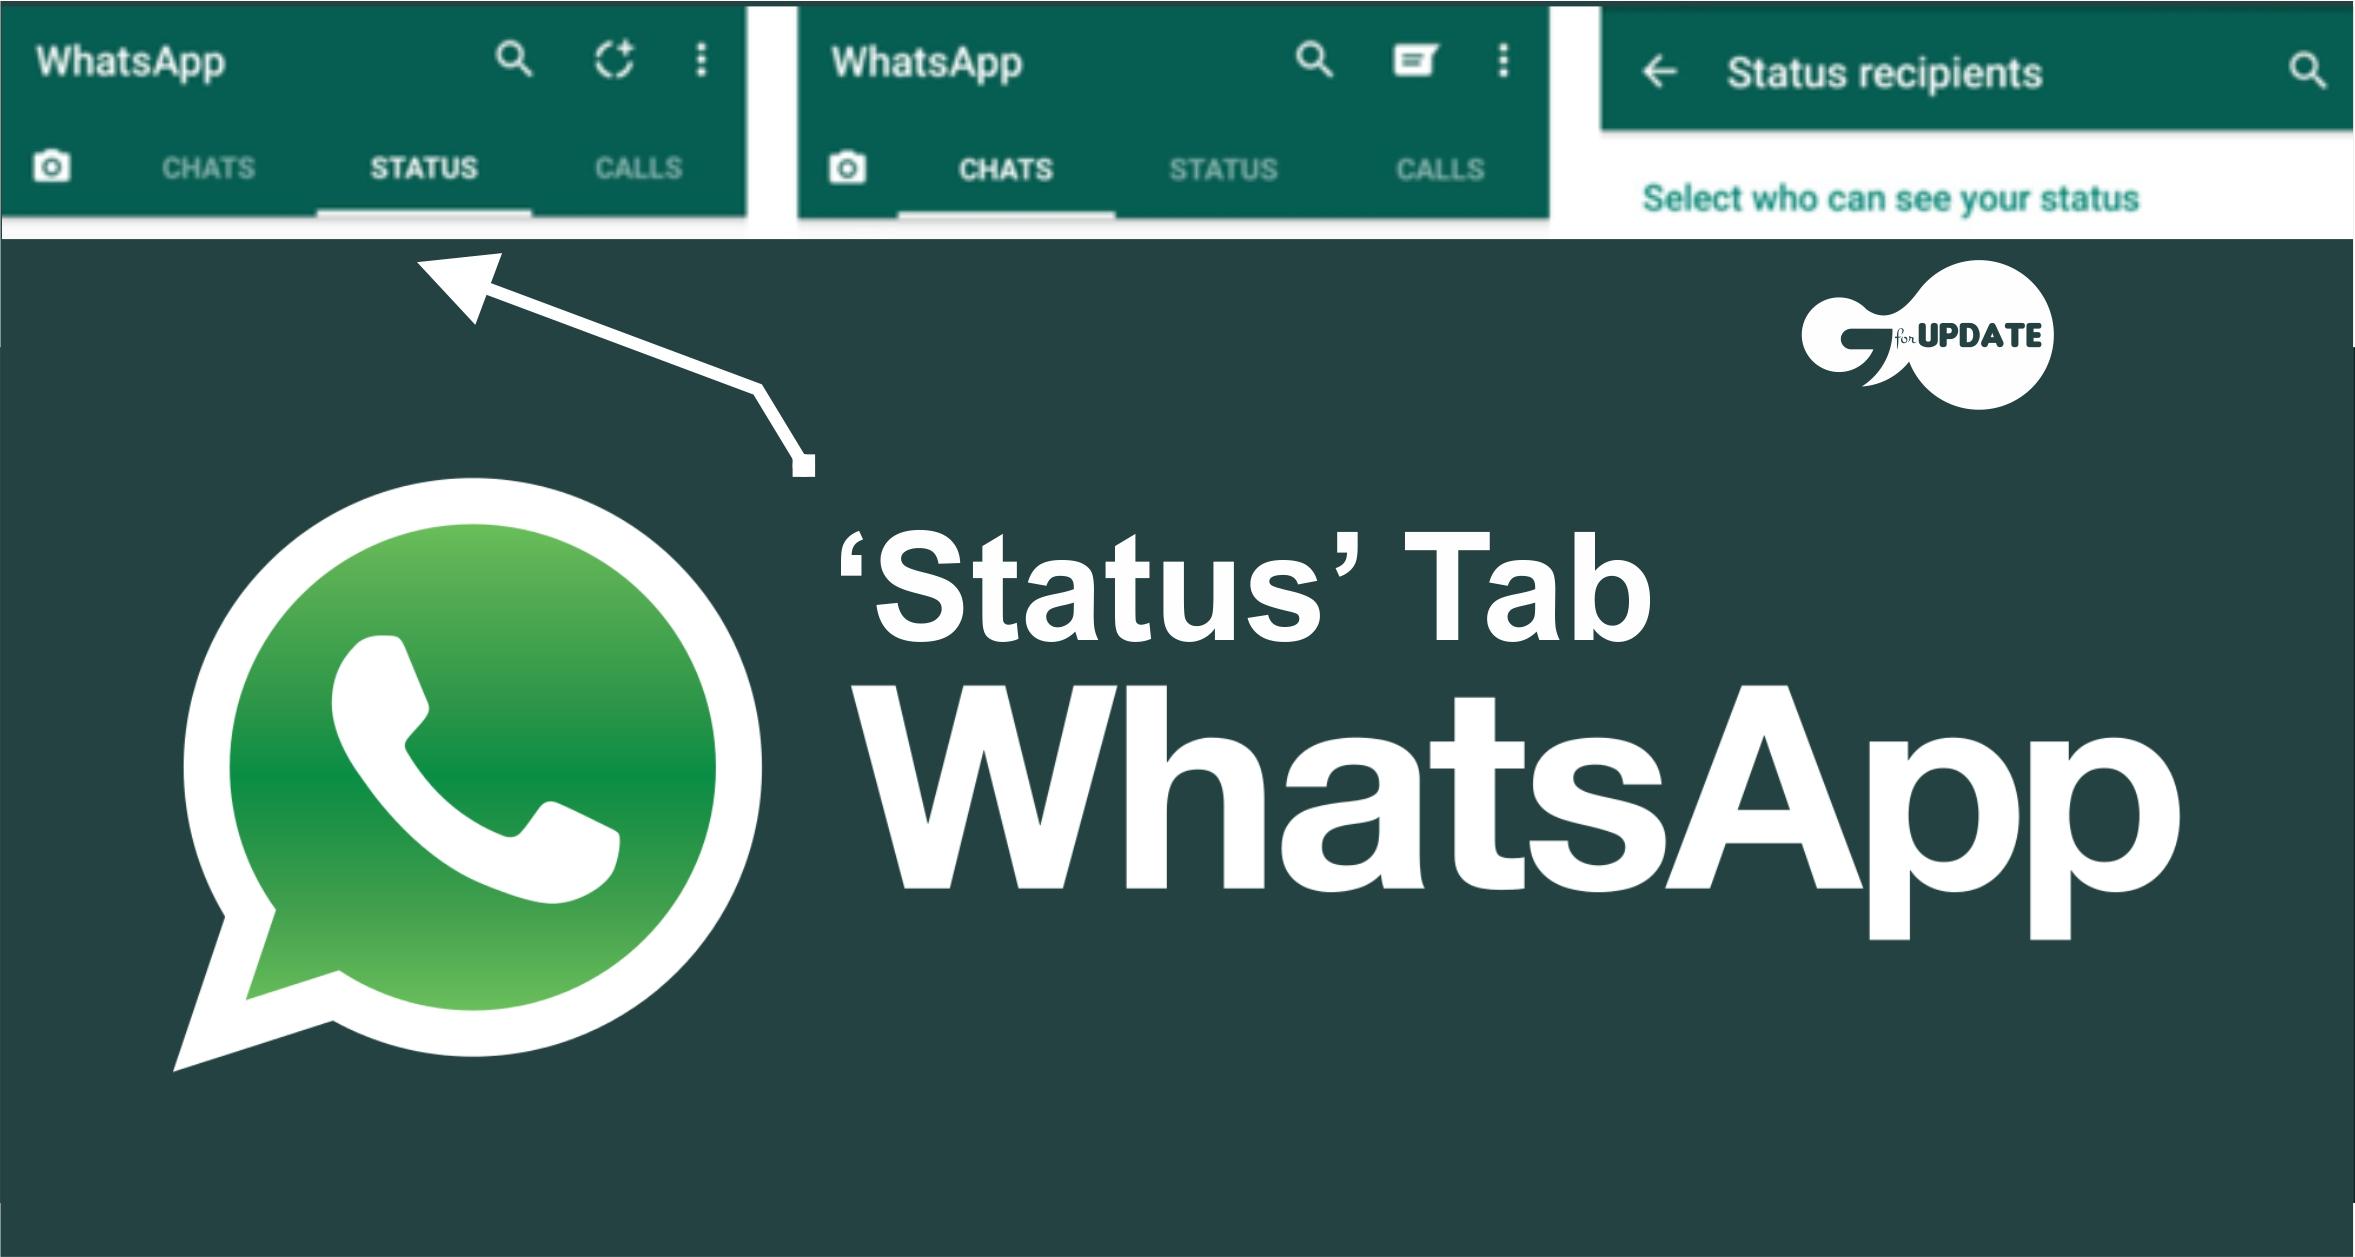 tatus Whatsapp